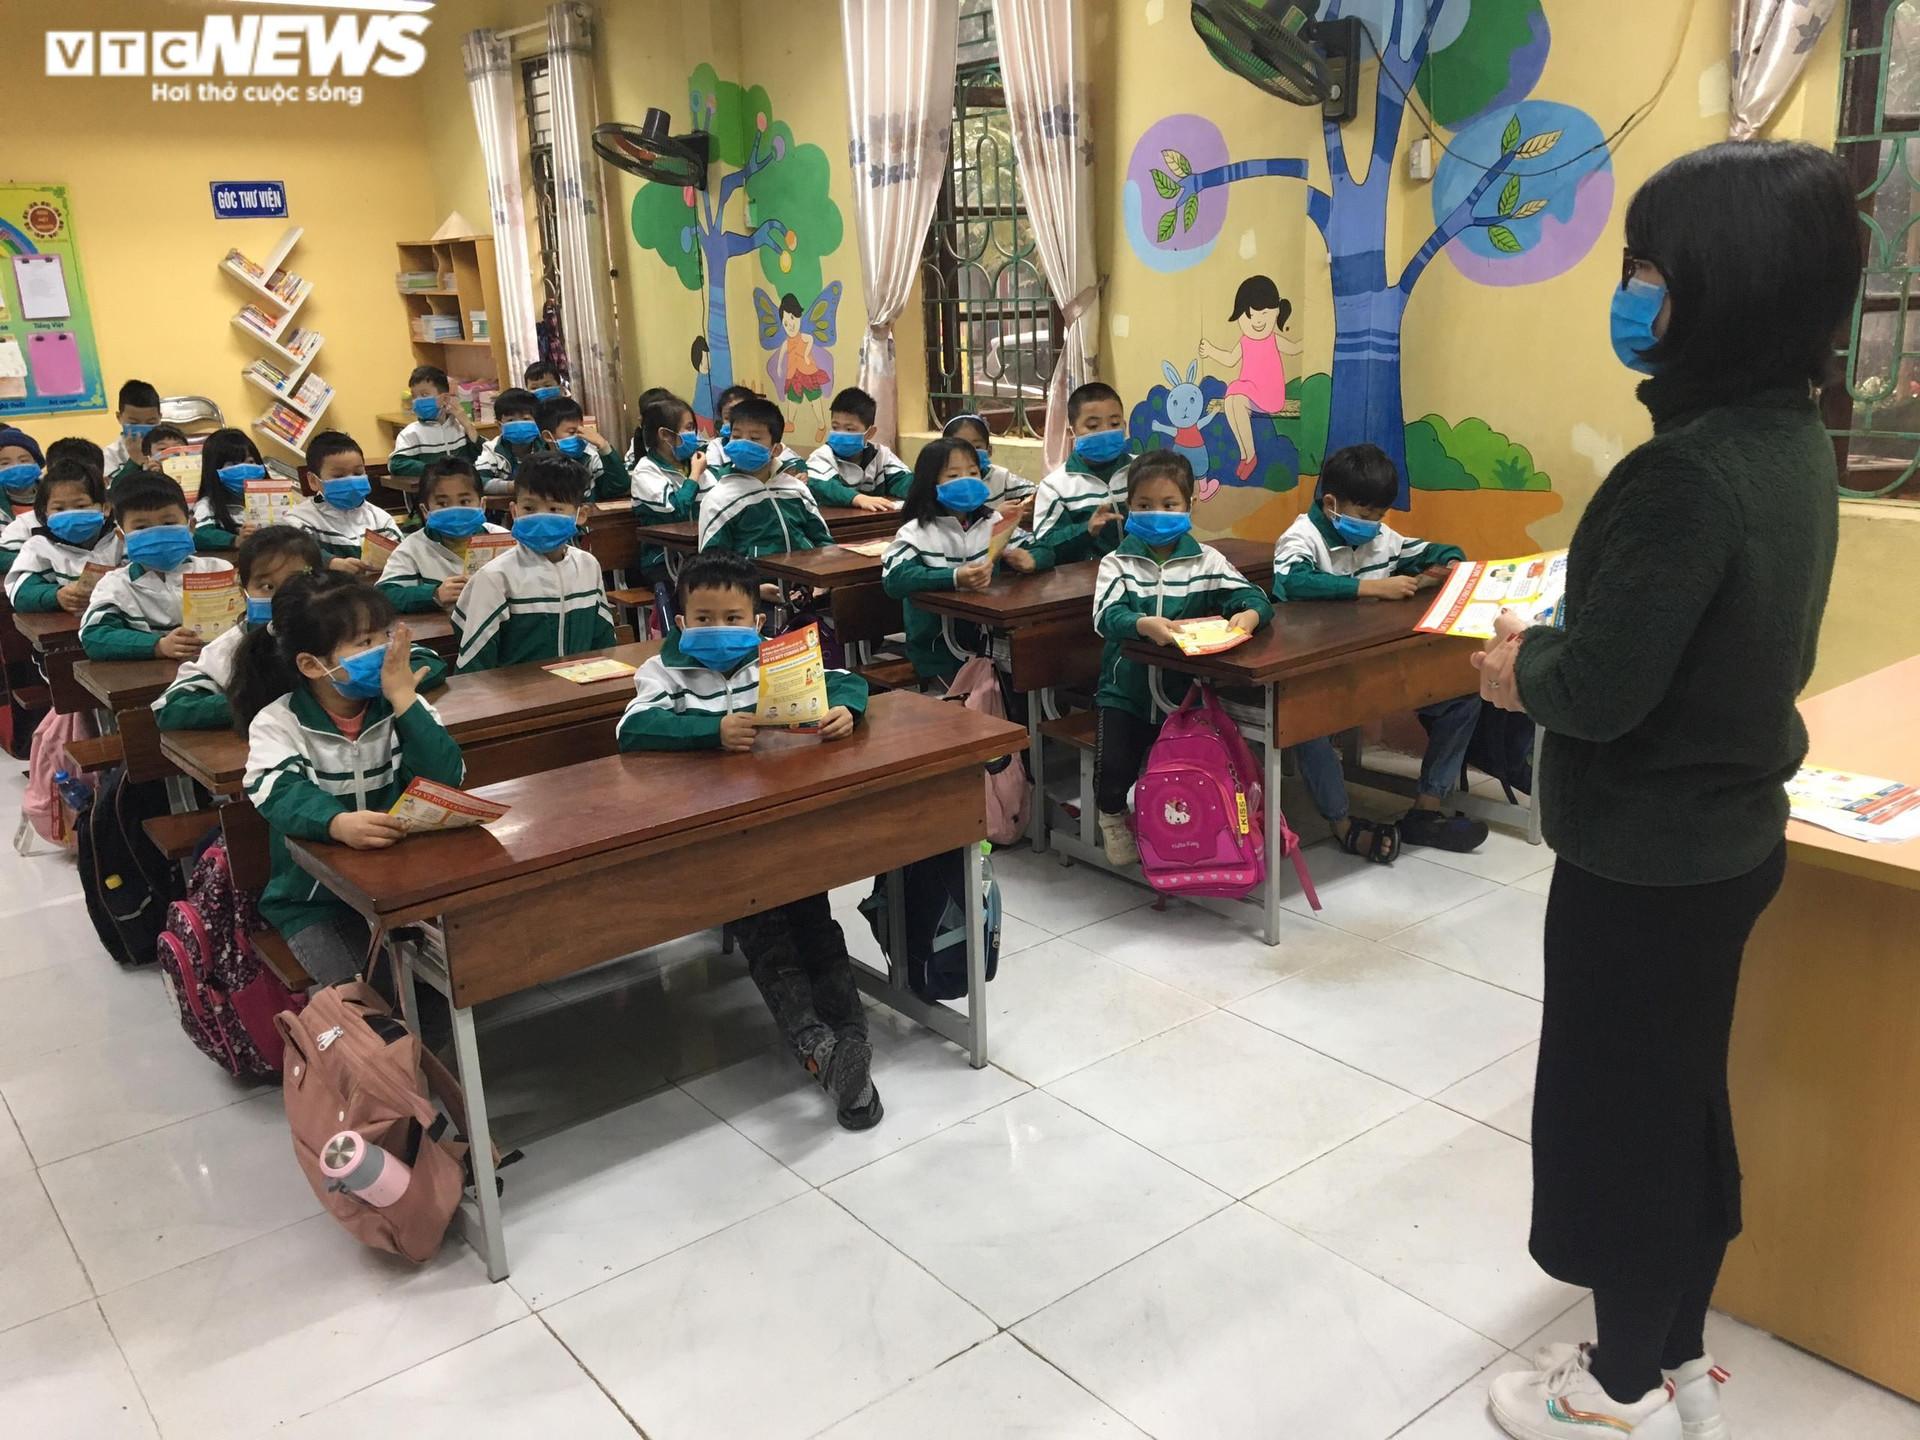 Học sinh một số khối lớp ở Bắc Ninh trở lại trường từ 15/9 - 1